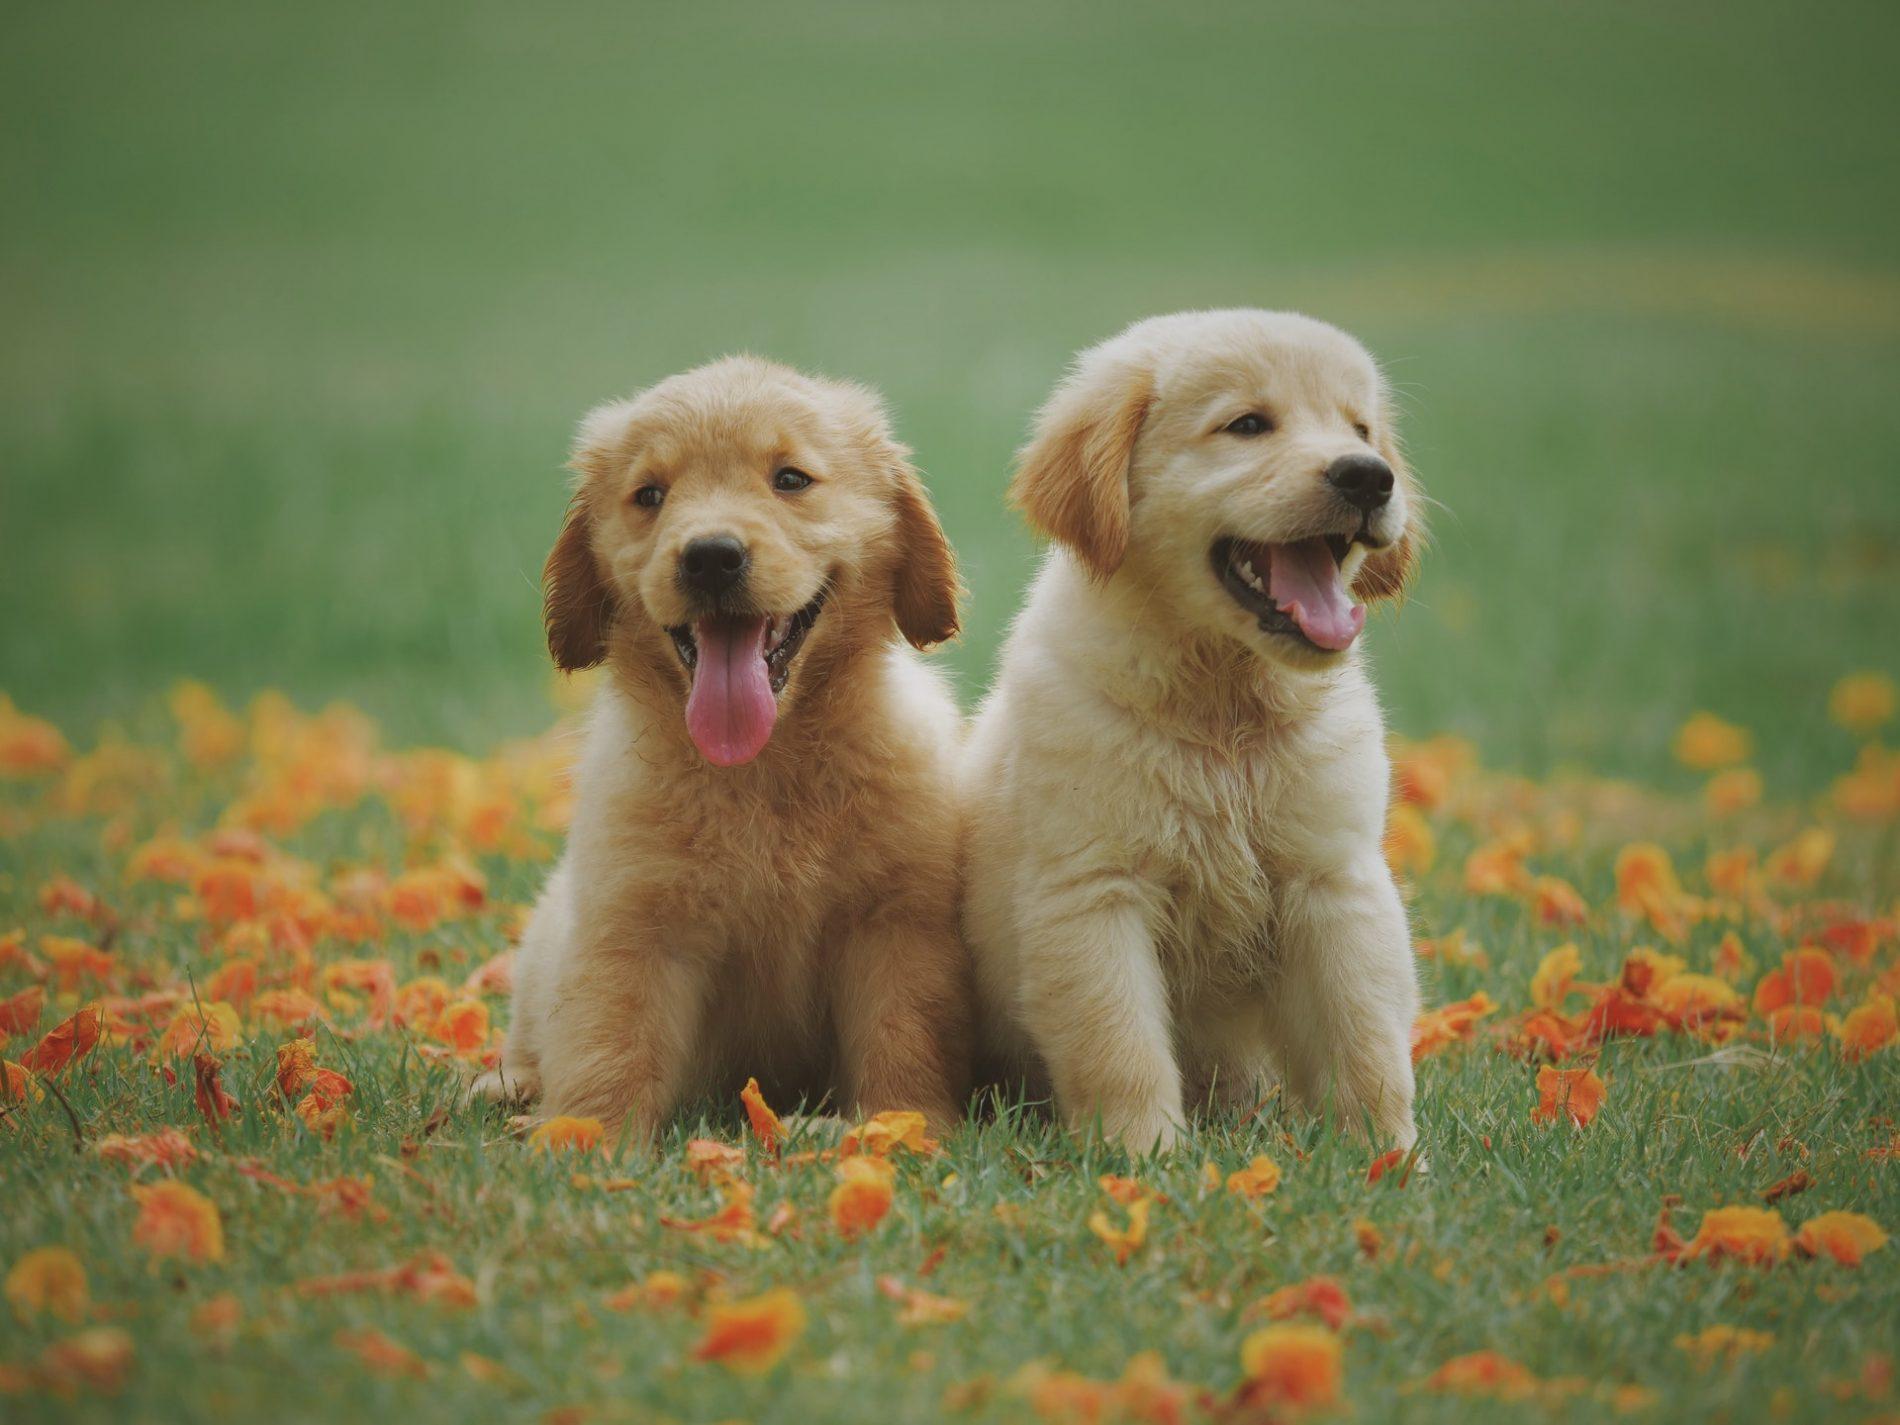 migliori cibi per cani